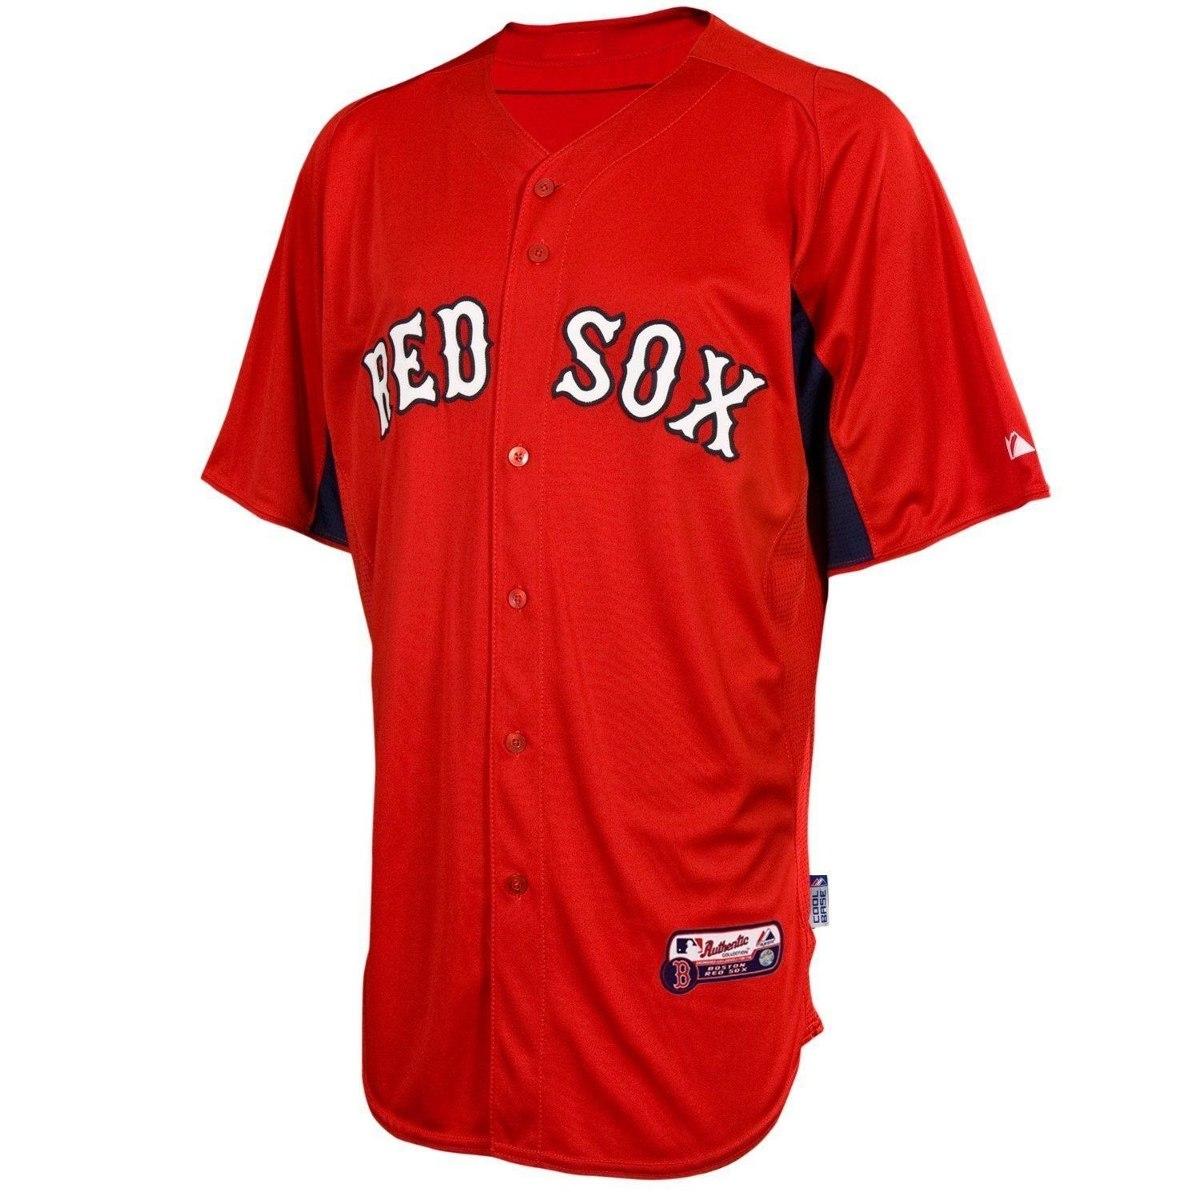 cheap for discount 39e5f b8cfc Sox De Boston Red Jersey lacquer.buttimall.com